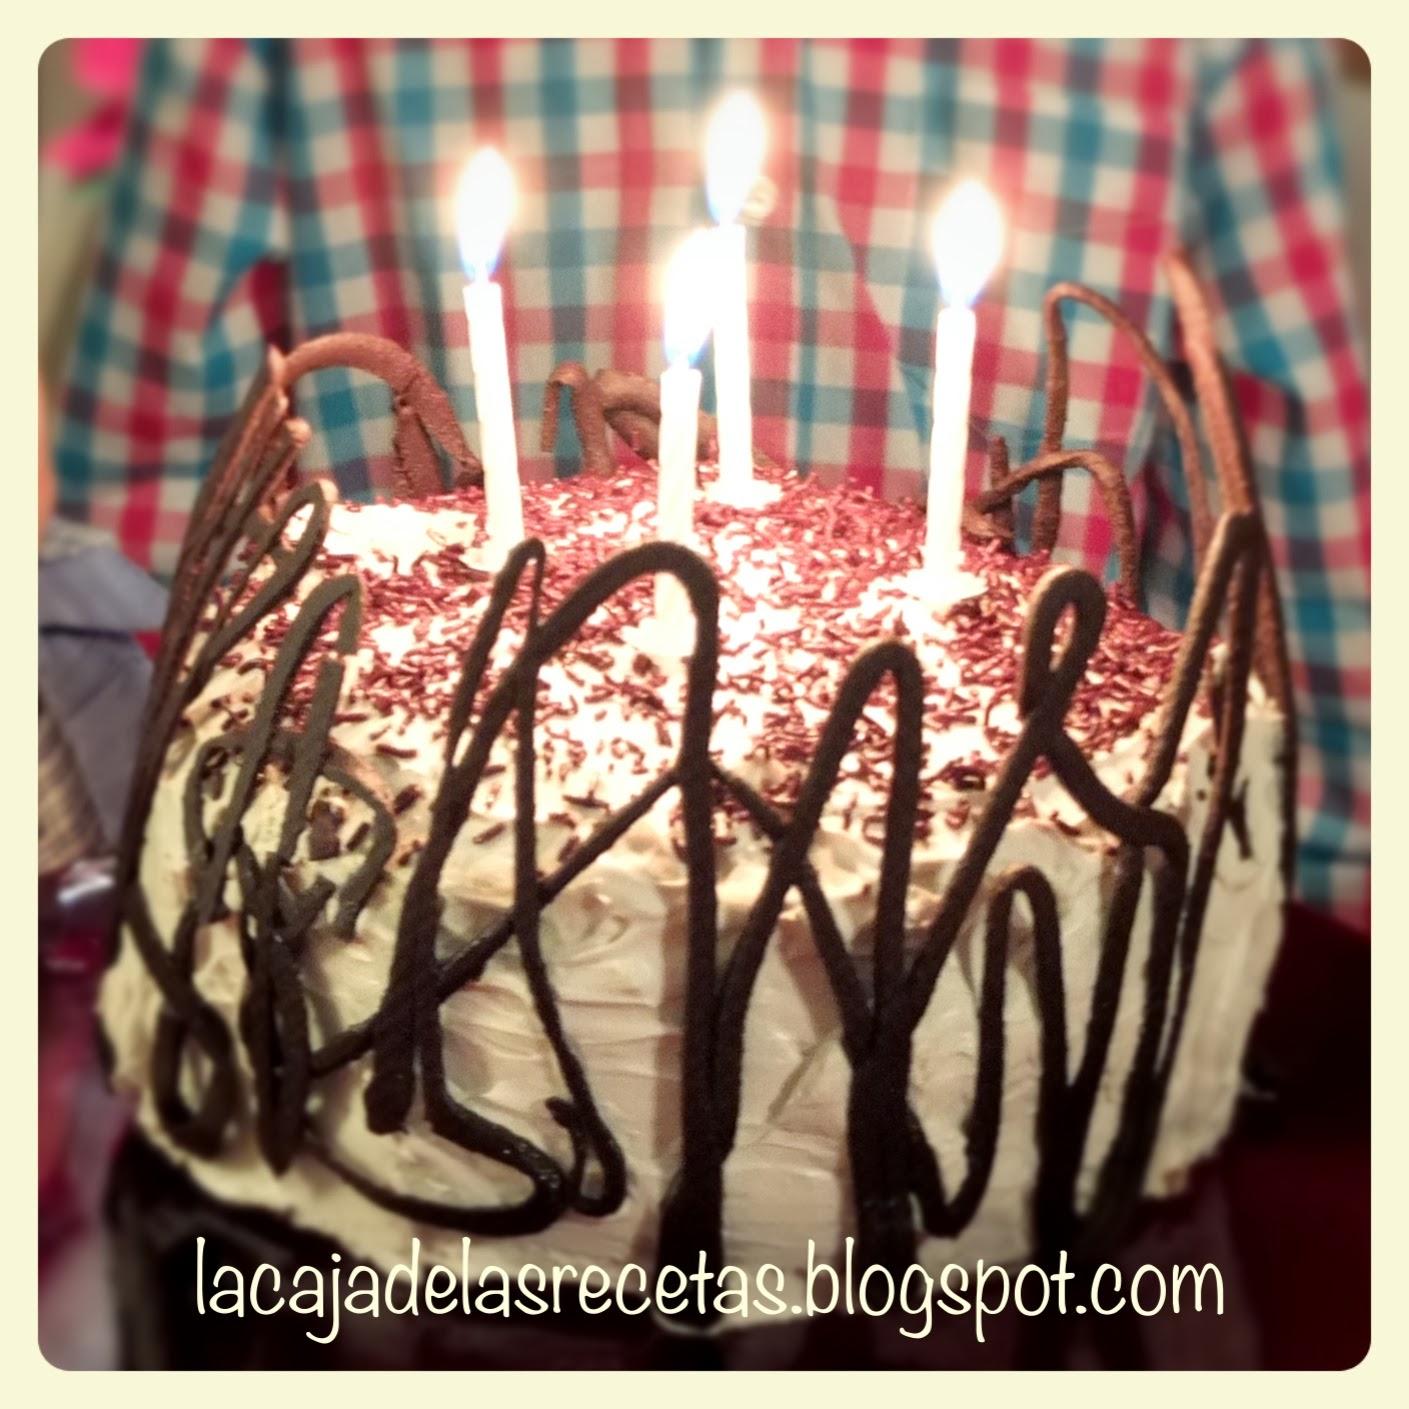 http://lacajadelasrecetas.blogspot.com.es/2014/03/tarta-cumpleanera-de-chocolate-fresas-y.html